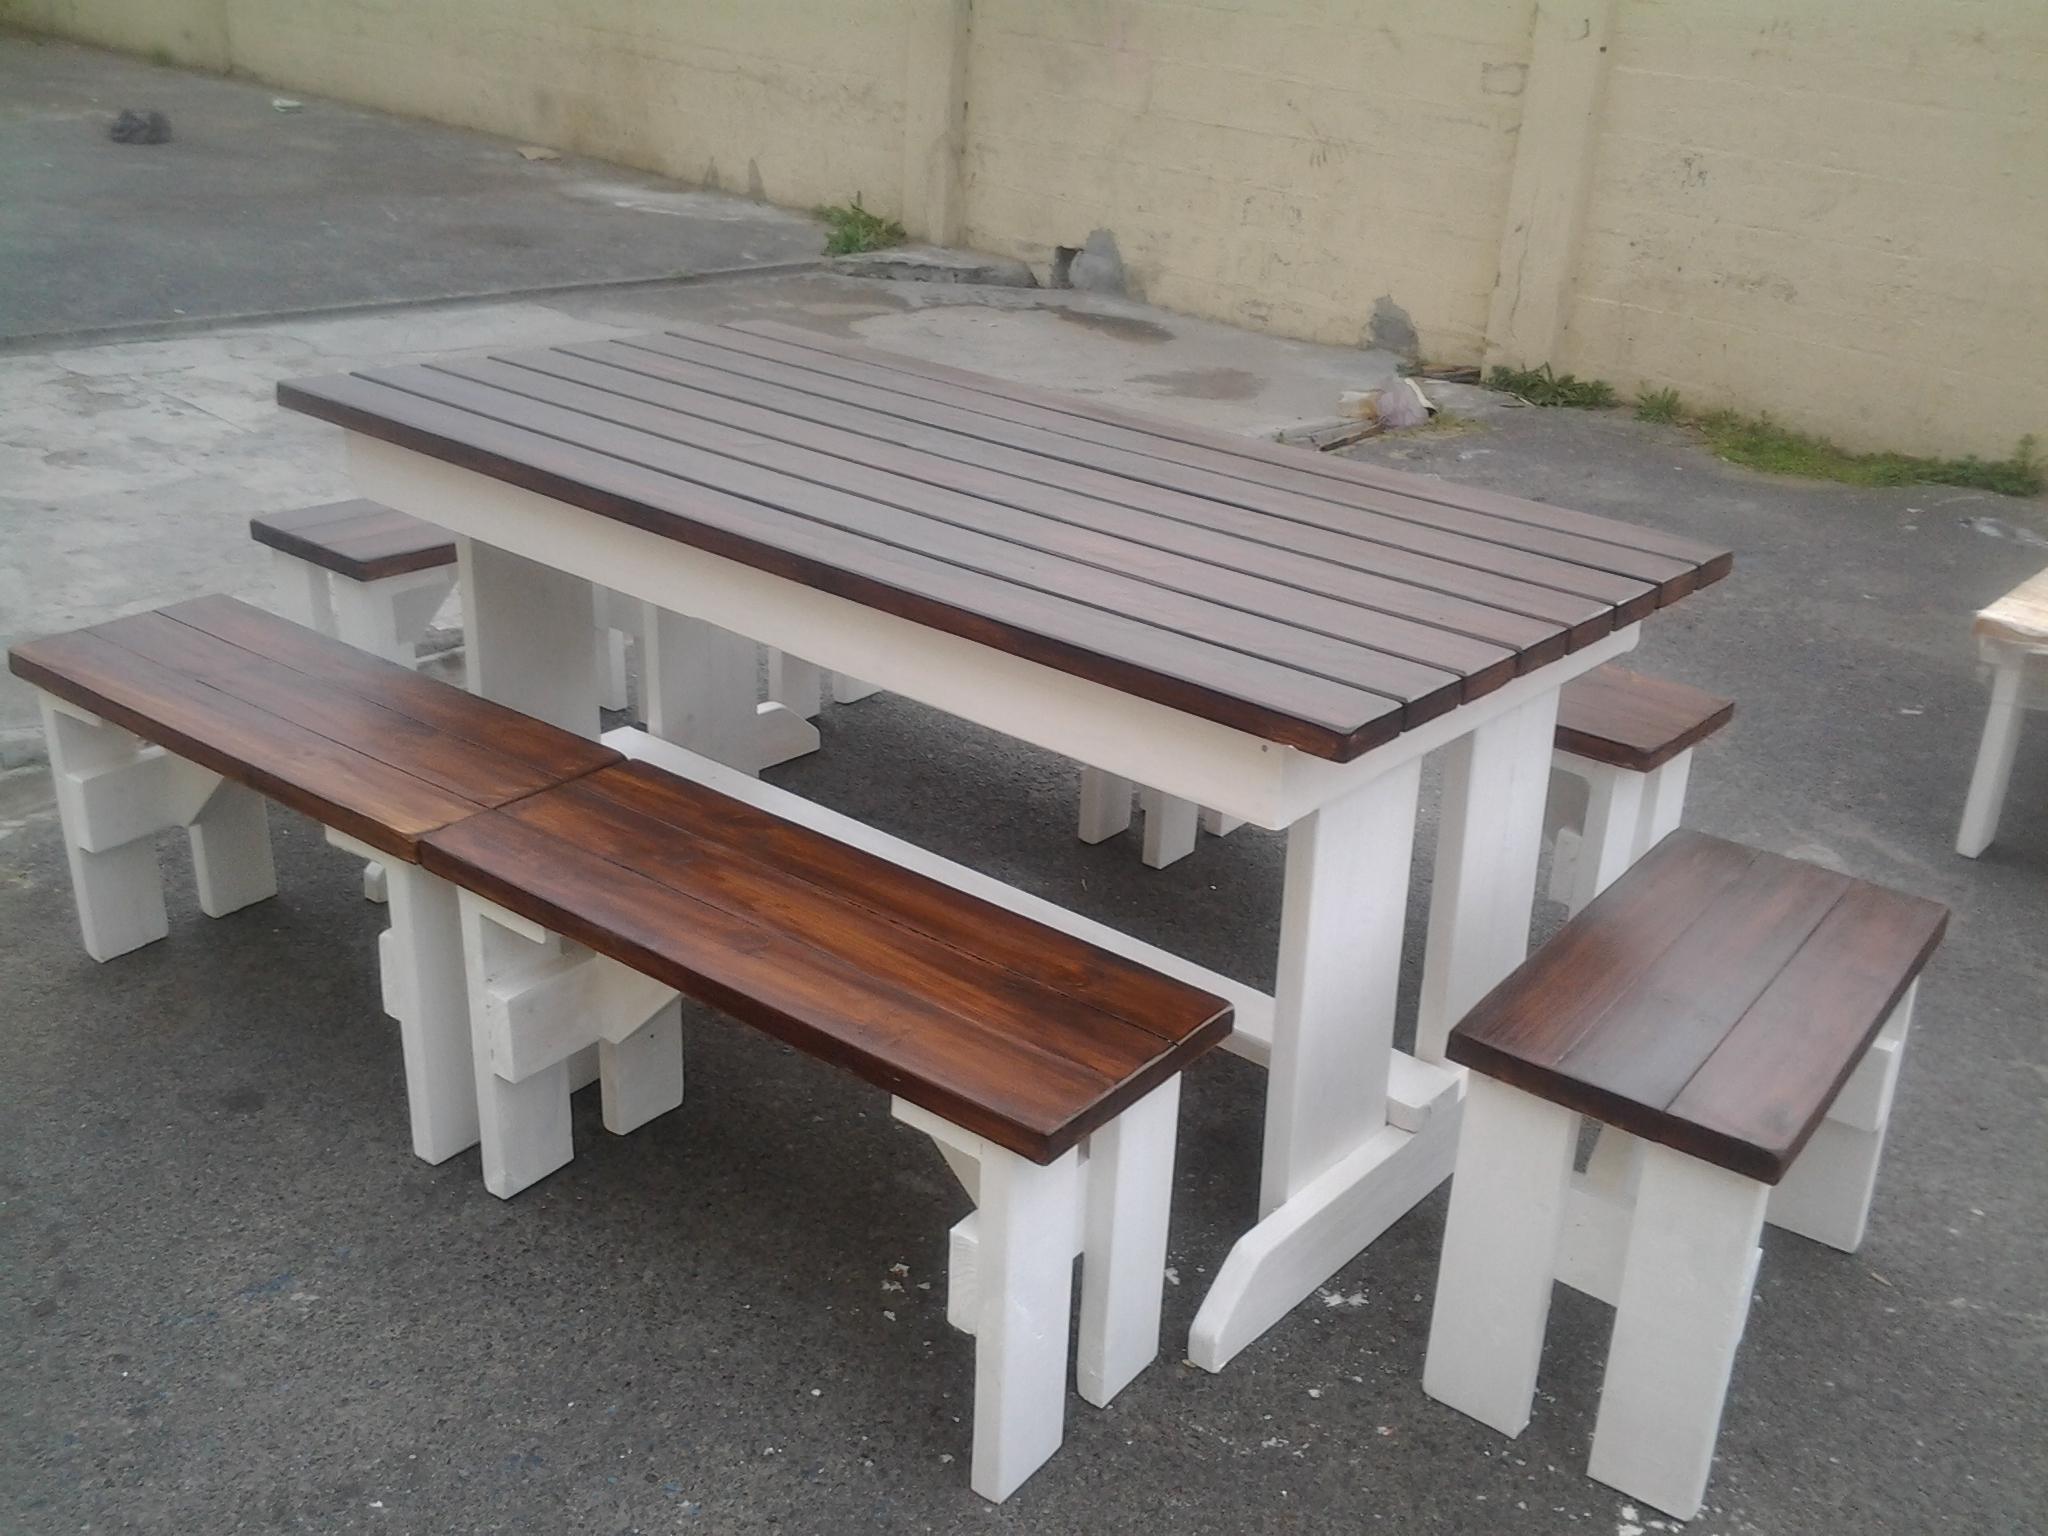 Outdoor Furniture, Outdoor Benches, Garden Benches, Patio Benches